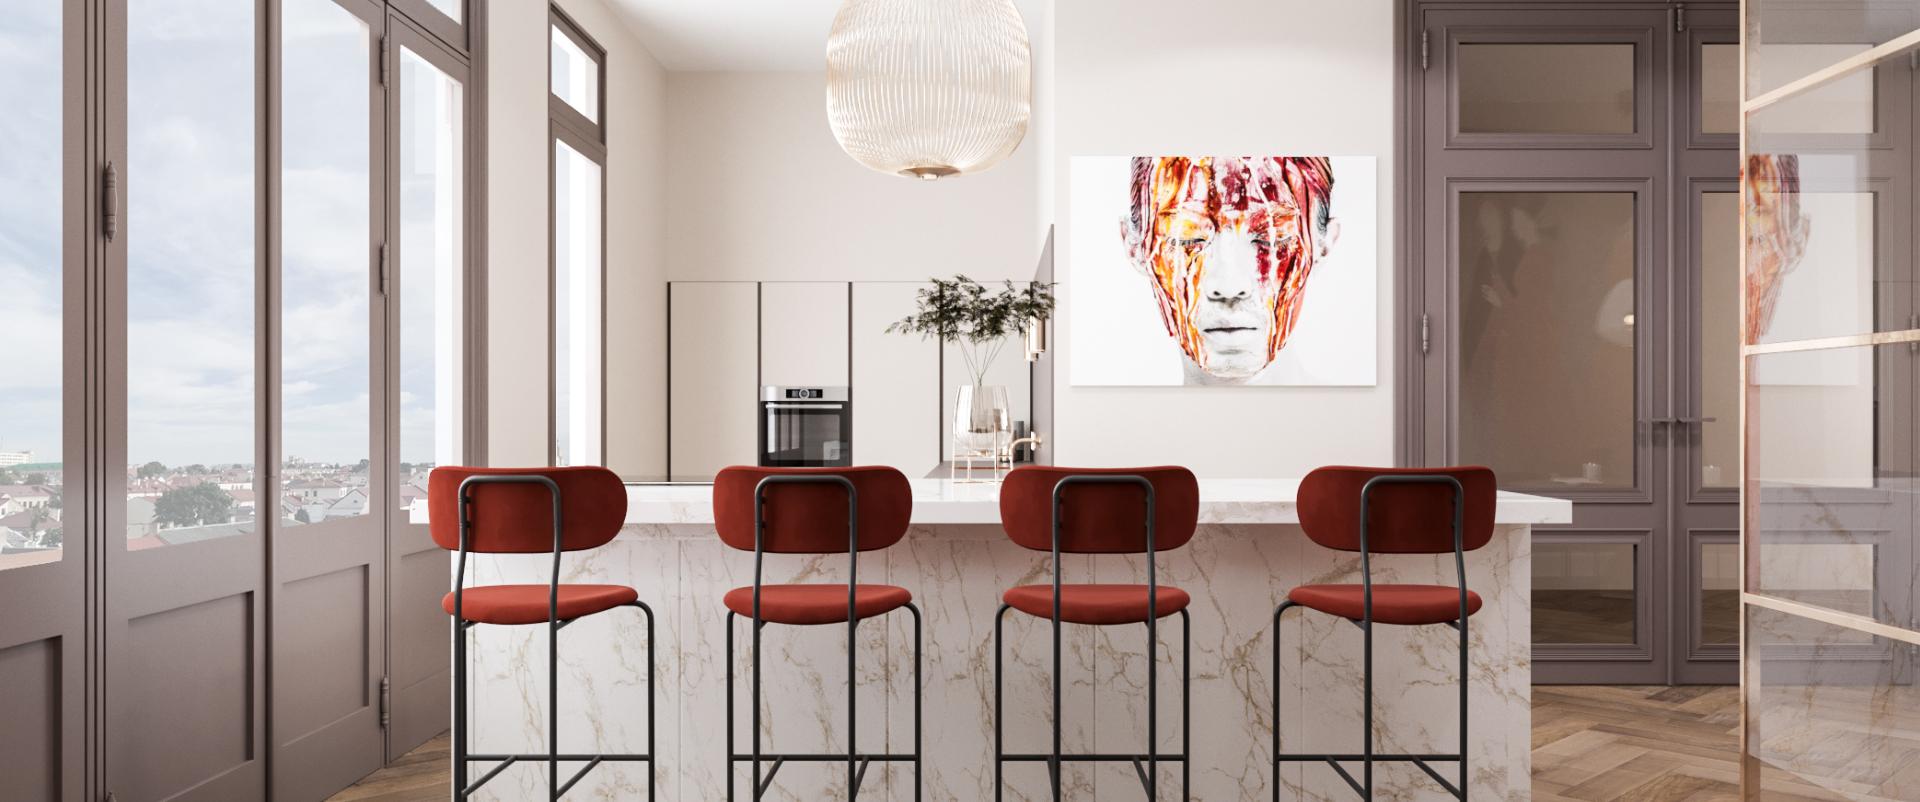 Interior Design Studio Amsterdam inside creations - boutique interior design studio amsterdam